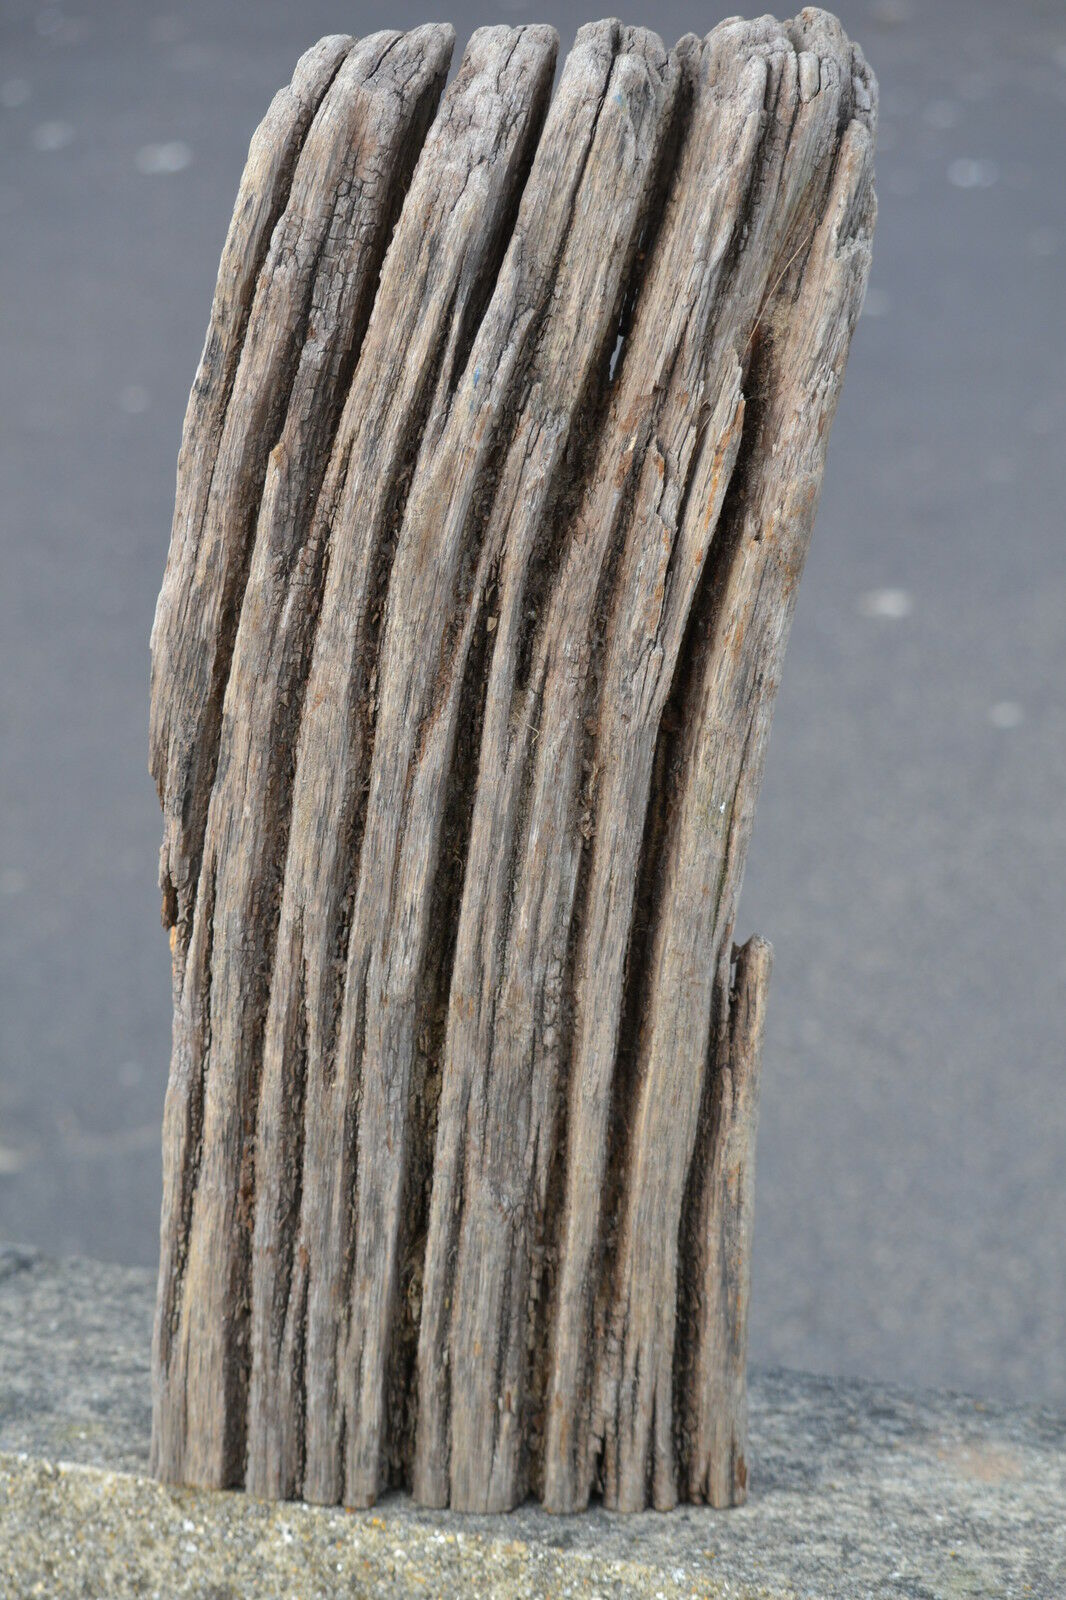 thedriftwoodshack